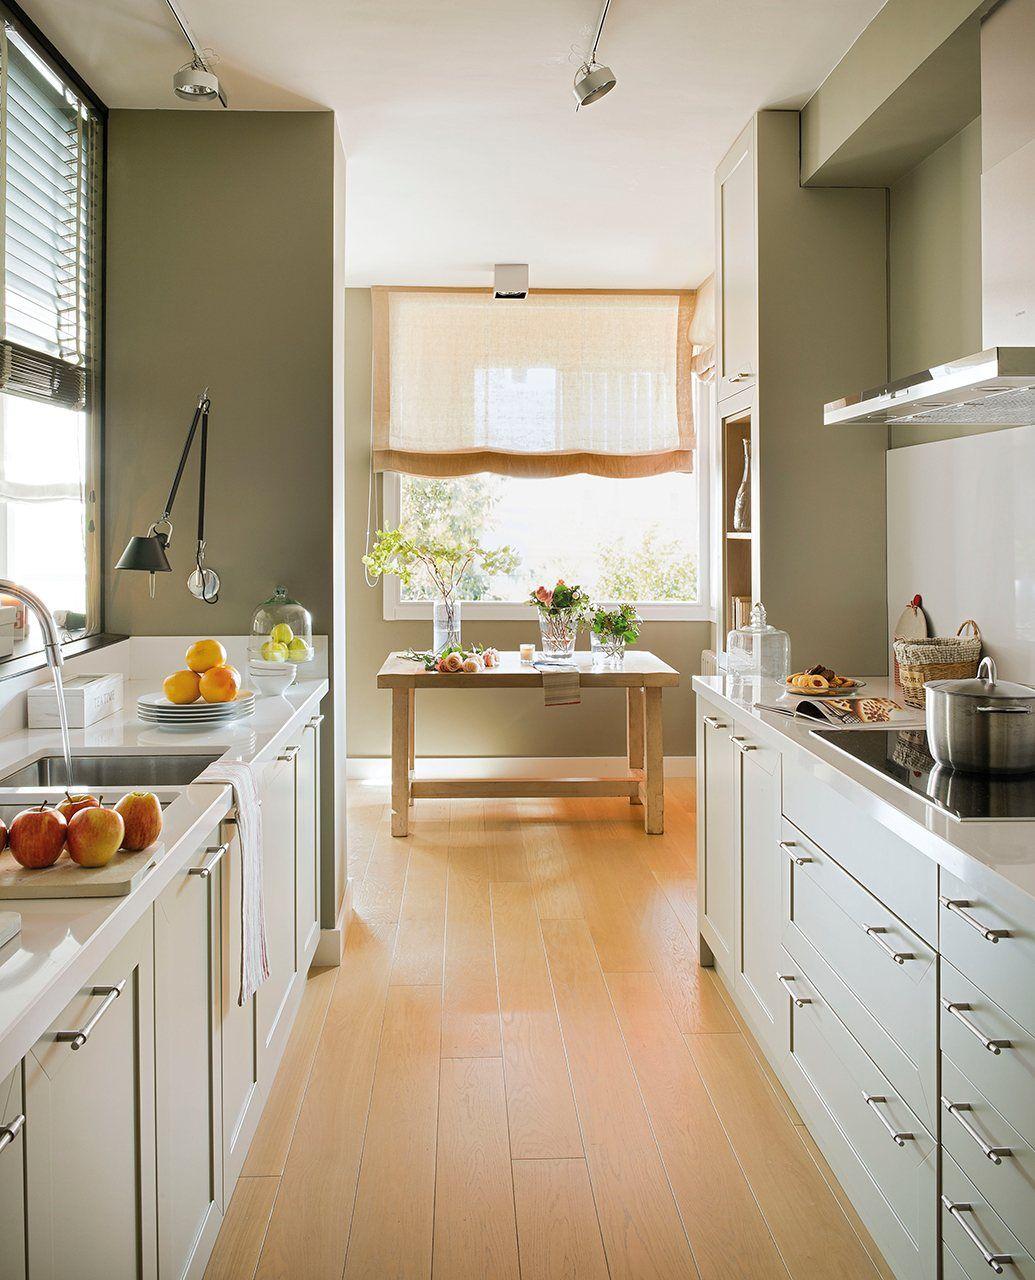 decotips una cocina larga y estrecha no es problema virlova style